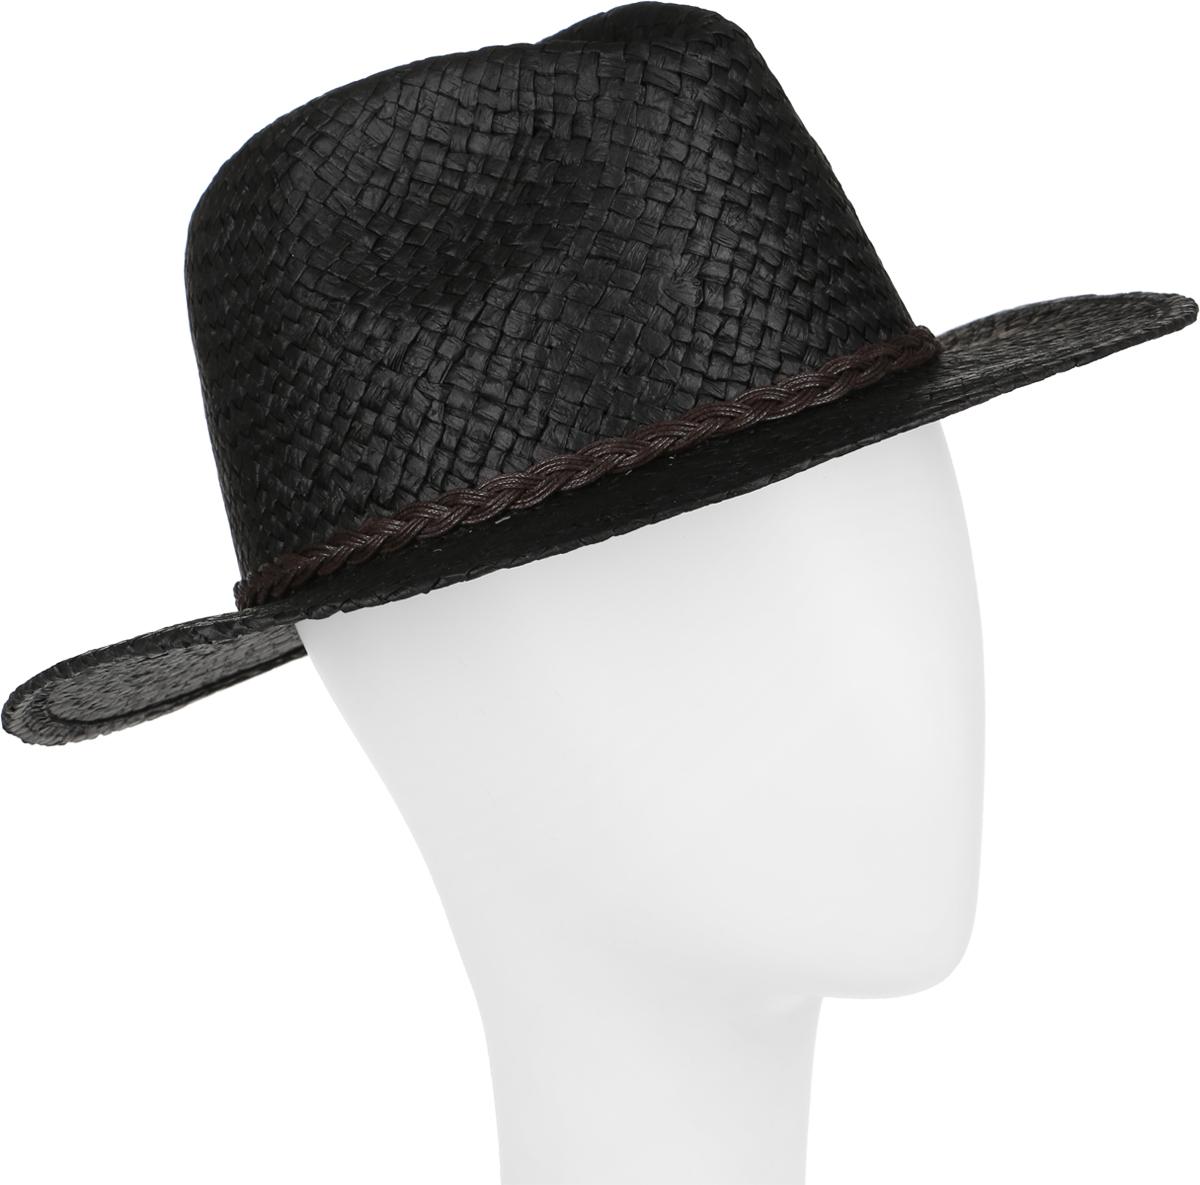 Шляпа женская Canoe Togo, цвет: черный. 1963761. Размер 561963761Стильная летняя шляпа Canoe Togo, выполненная из искусственной соломы, станет незаменимым аксессуаром для пляжа и отдыха на природе, и обеспечит надежную защиту головы от солнца. Шляпа оформлена декоративным плетеным ремешком. Плетение шляпы обеспечивает необходимую вентиляцию и комфорт даже в самый знойный день. Шляпа легко восстанавливает свою форму после сжатия.Такая шляпа подчеркнет вашу неповторимость и дополнит ваш повседневный образ.